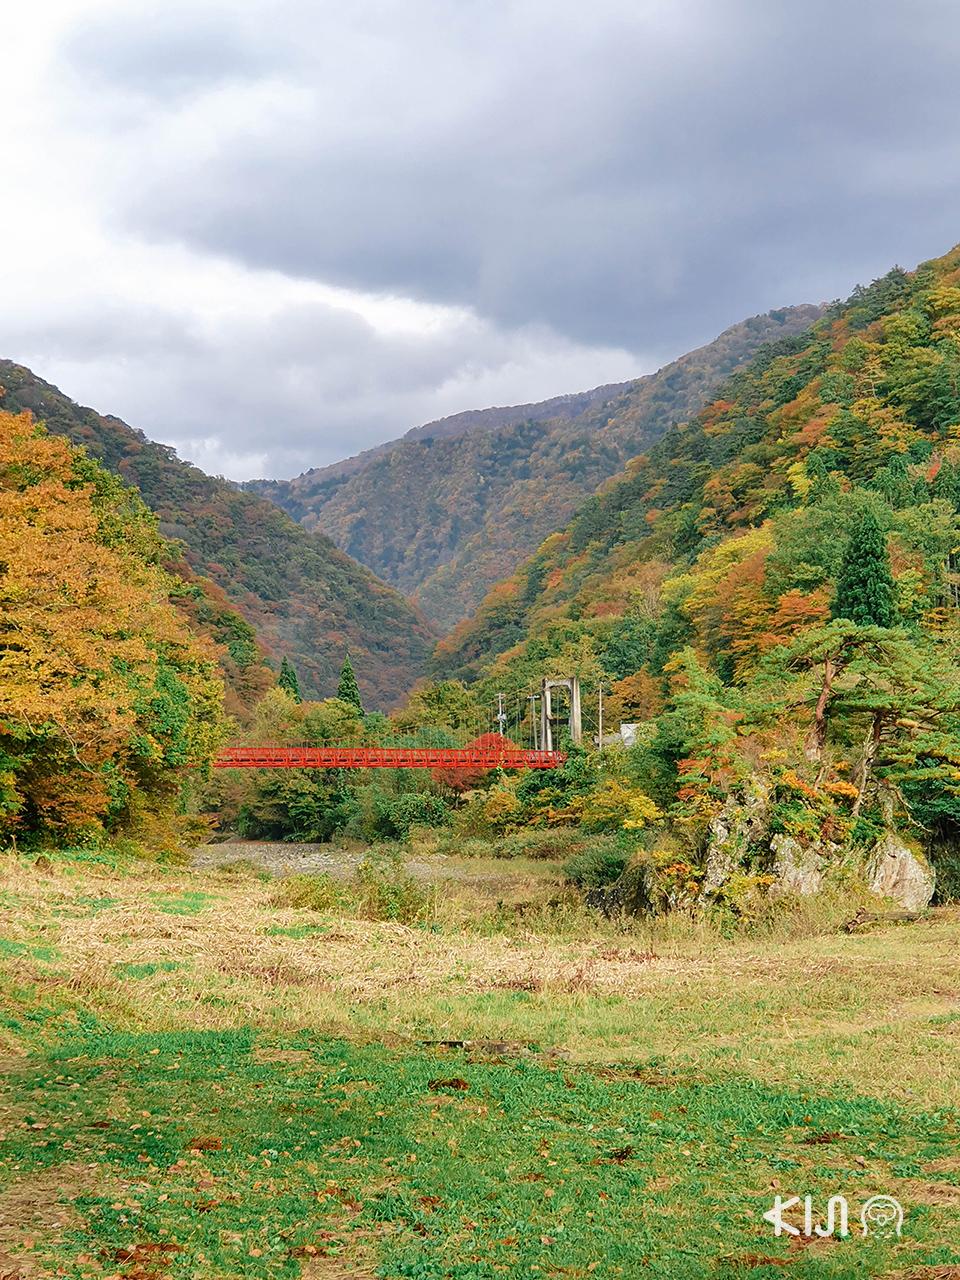 เที่ยวช่วง ใบไม้เปลี่ยนสี ในภูมิภาค โทโฮคุ : หุบเขาดาคิกาเอริ (Dakigaeri Gorge)